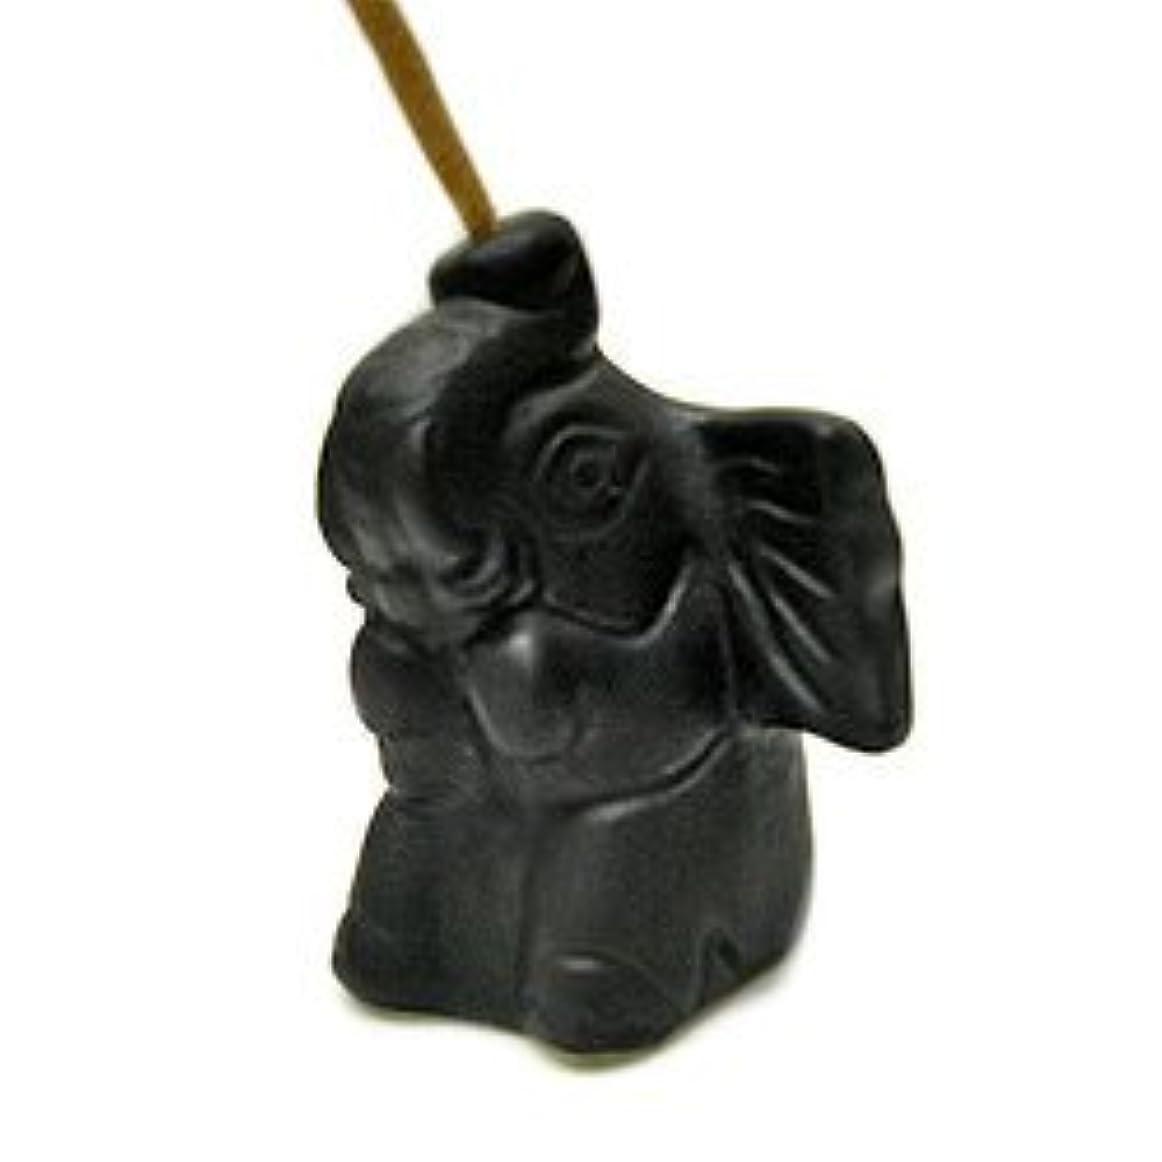 ラッシュ自動任命象さんのお香立て <黒> インセンスホルダー/スティックタイプ用お香立て?お香たて アジアン雑貨